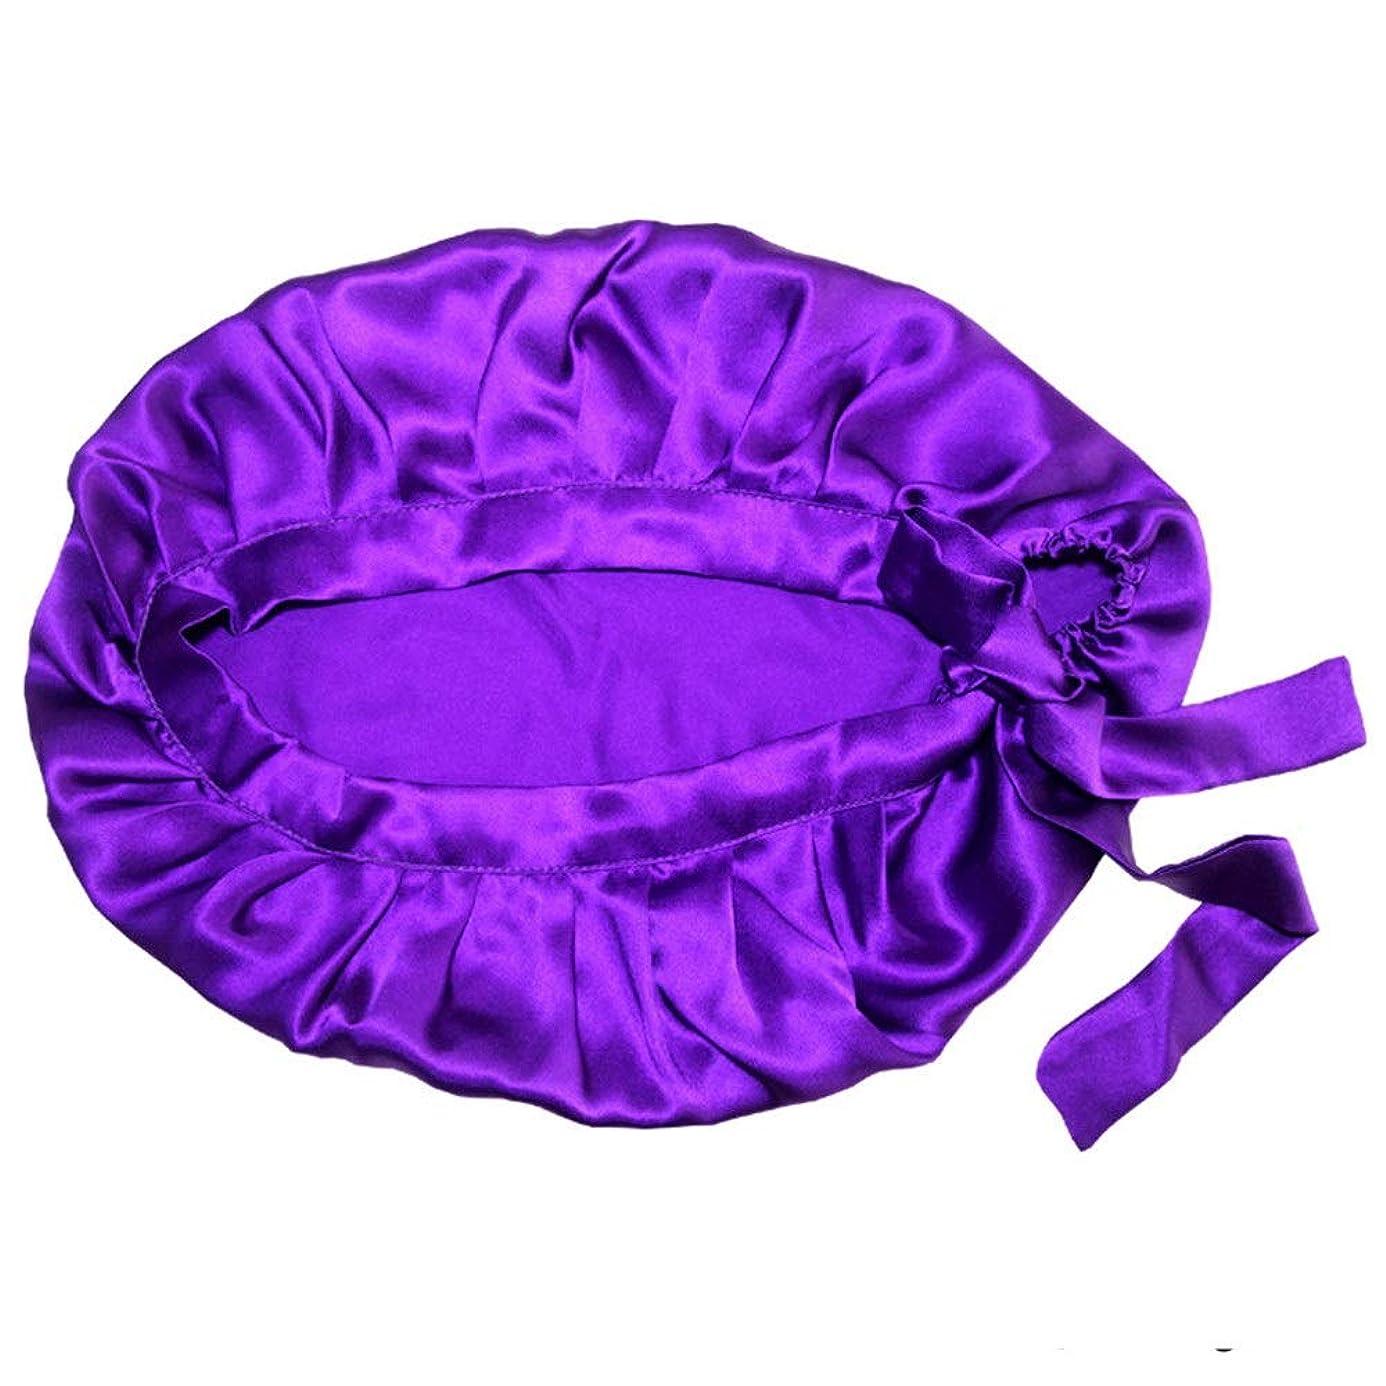 口述するエイズ波弾性スリーピングキャップ 大型睡眠用ボンネットキャップ女性用サテンボンネット寝心地用、超大型、超スムース、ナチュラルヘア用 (色 : 紫の)